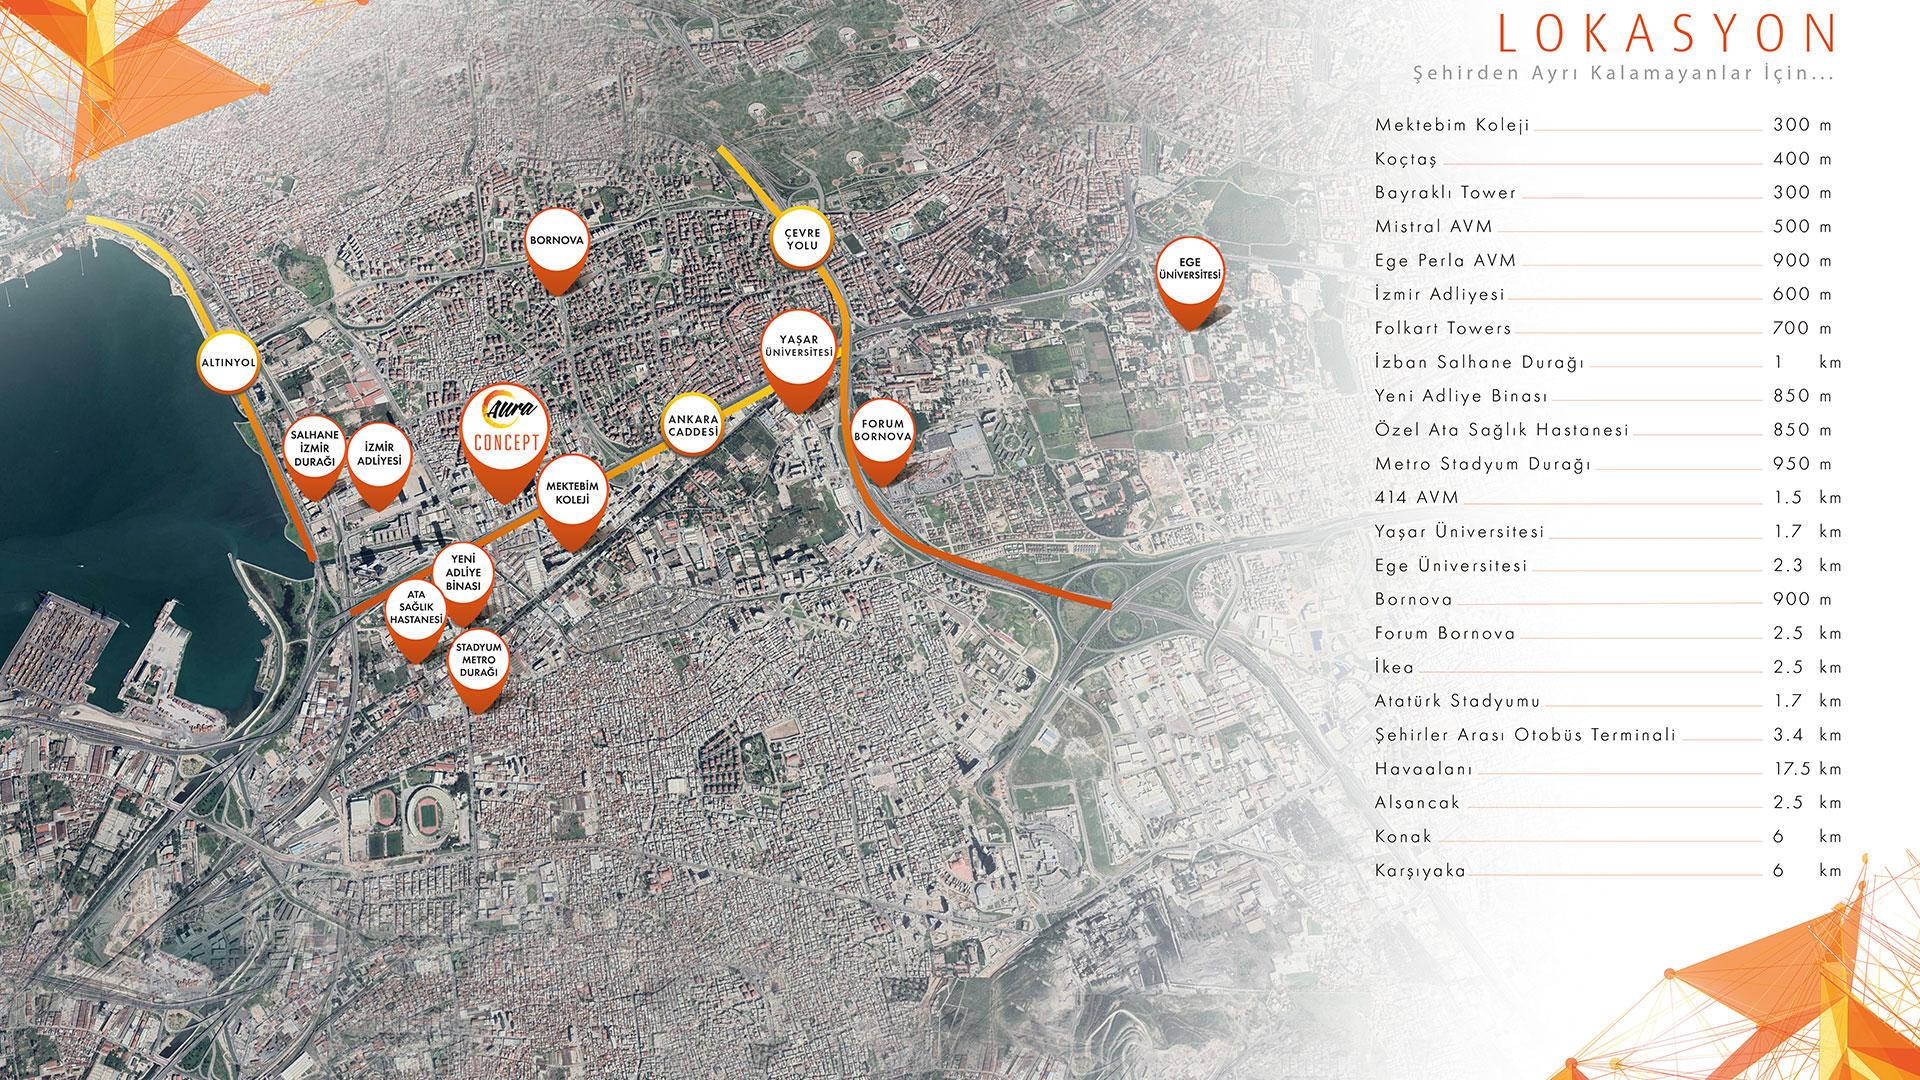 Cebeci Concept - Lokasyon